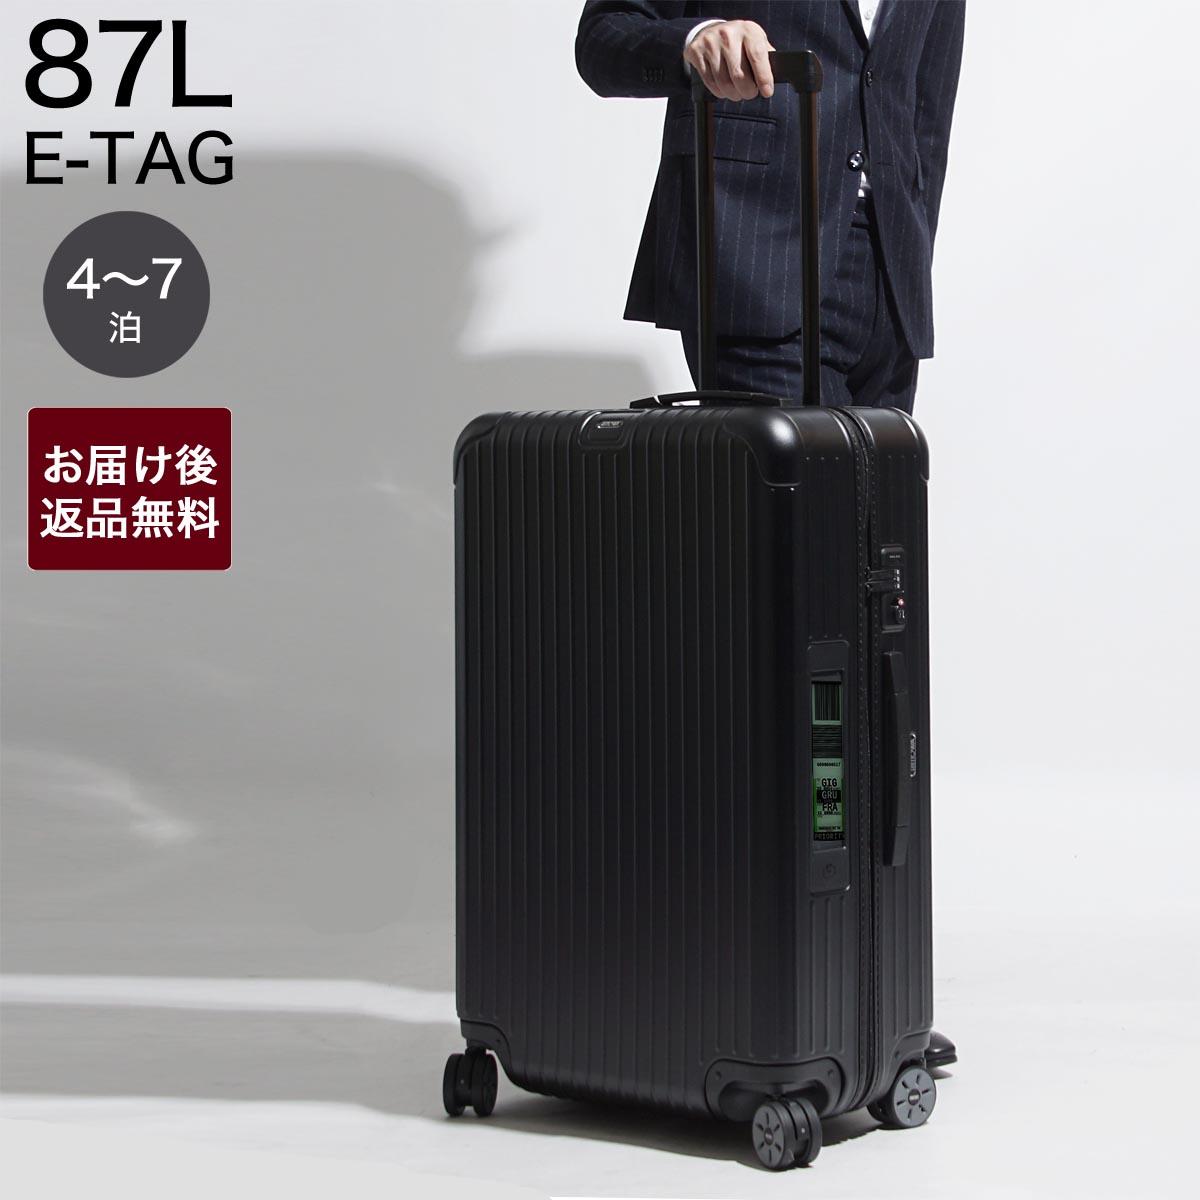 リモワ RIMOWA スーツケース 電子タグ仕様 キャリーケース ブラック メンズ レディース 旅行 大容量 トラベル 出張 世界初 デザイン おしゃれ ビジネストローリー 811.73.32.5 SALSA 73 E-TAG サルサ 87L【返品送料無料】